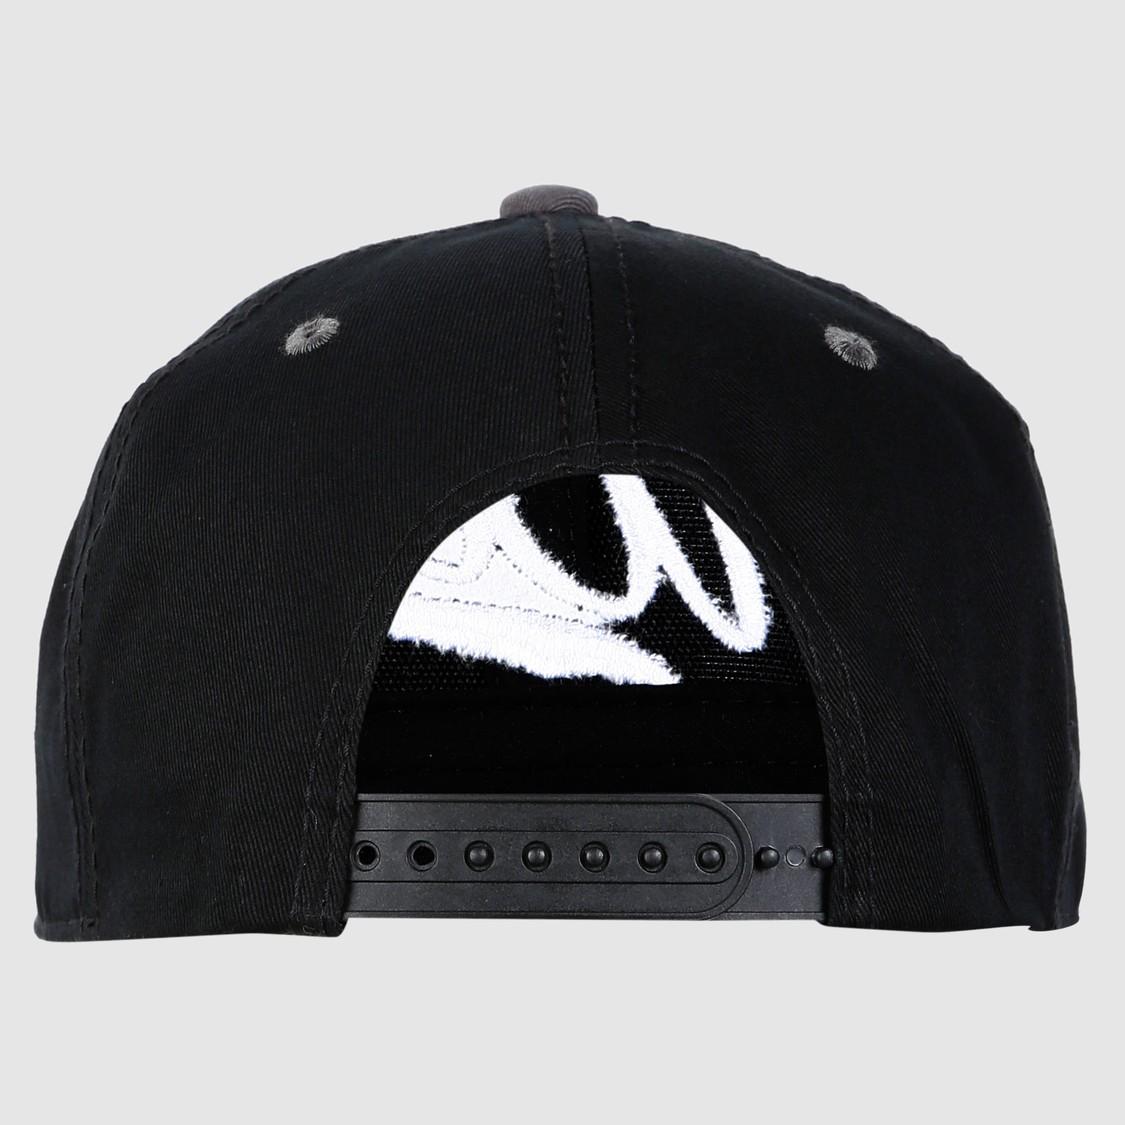 قبعة مطرّزة بزر كبّاس للإغلاق